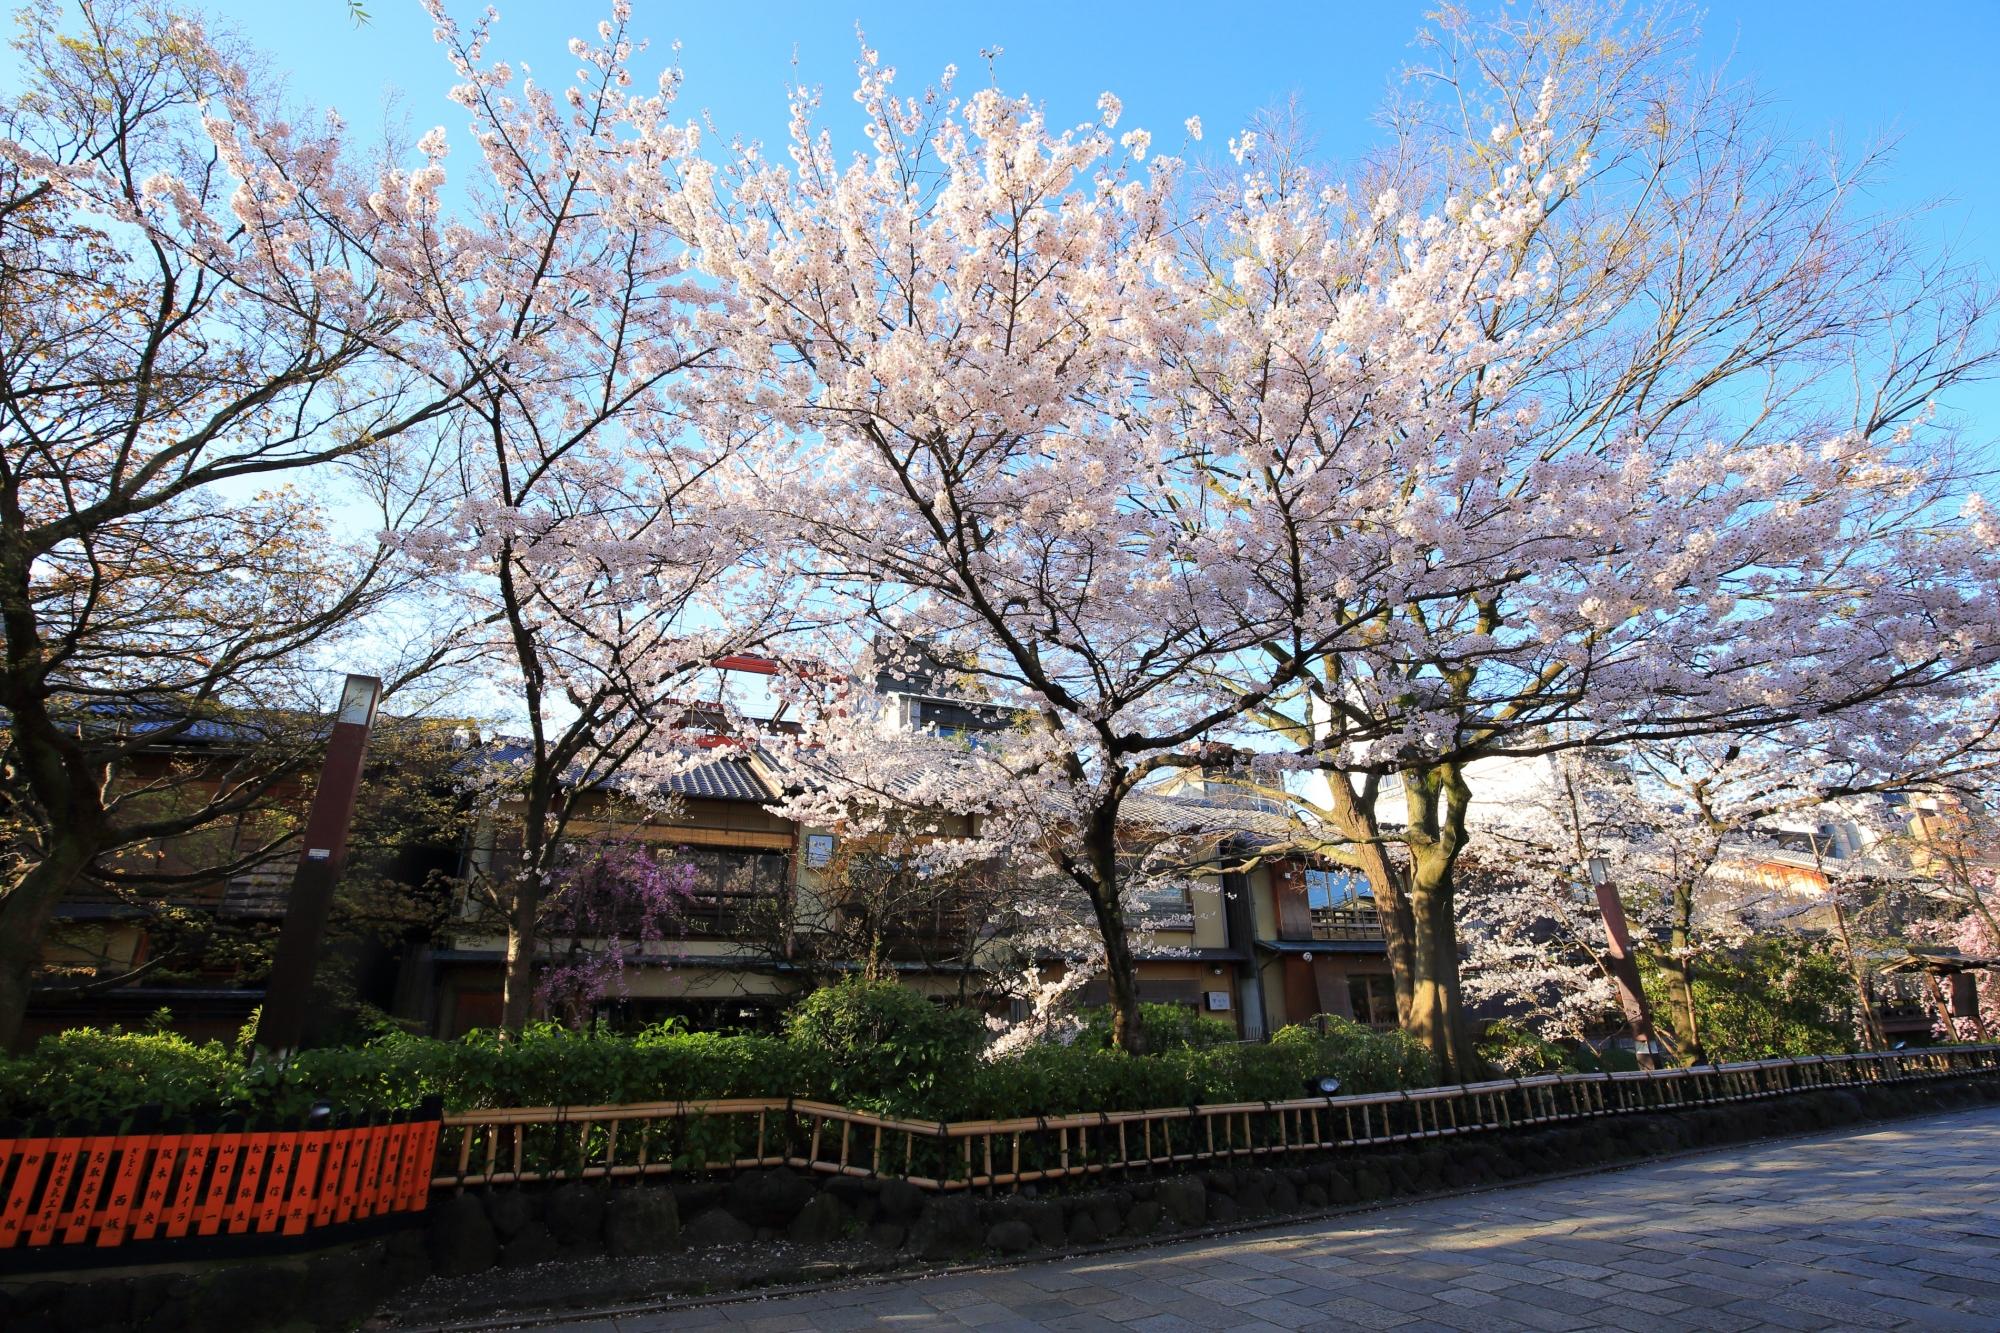 祇園白川の快晴の空を春色に染める圧倒的な桜